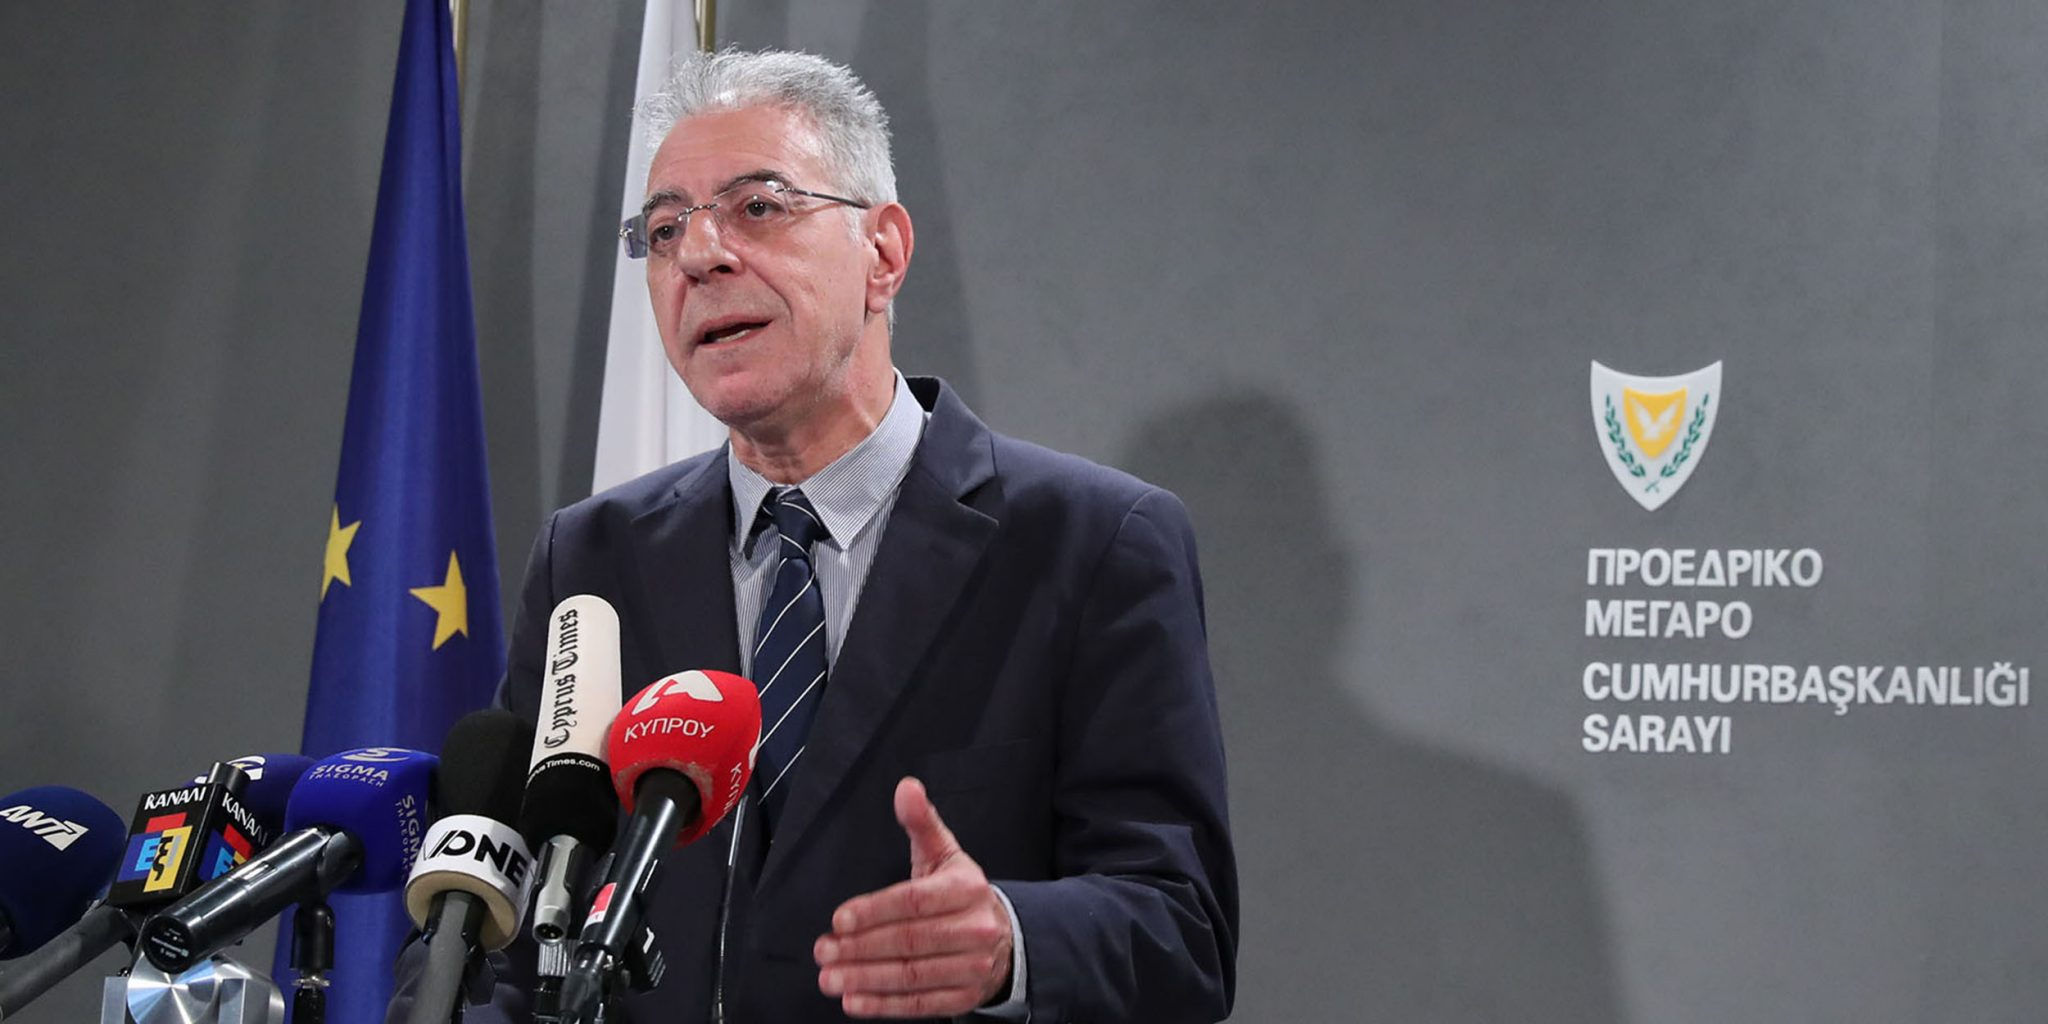 Αντίδραση της Κύπρου στην επιστολή Cavusoglu για ΑΟΖ